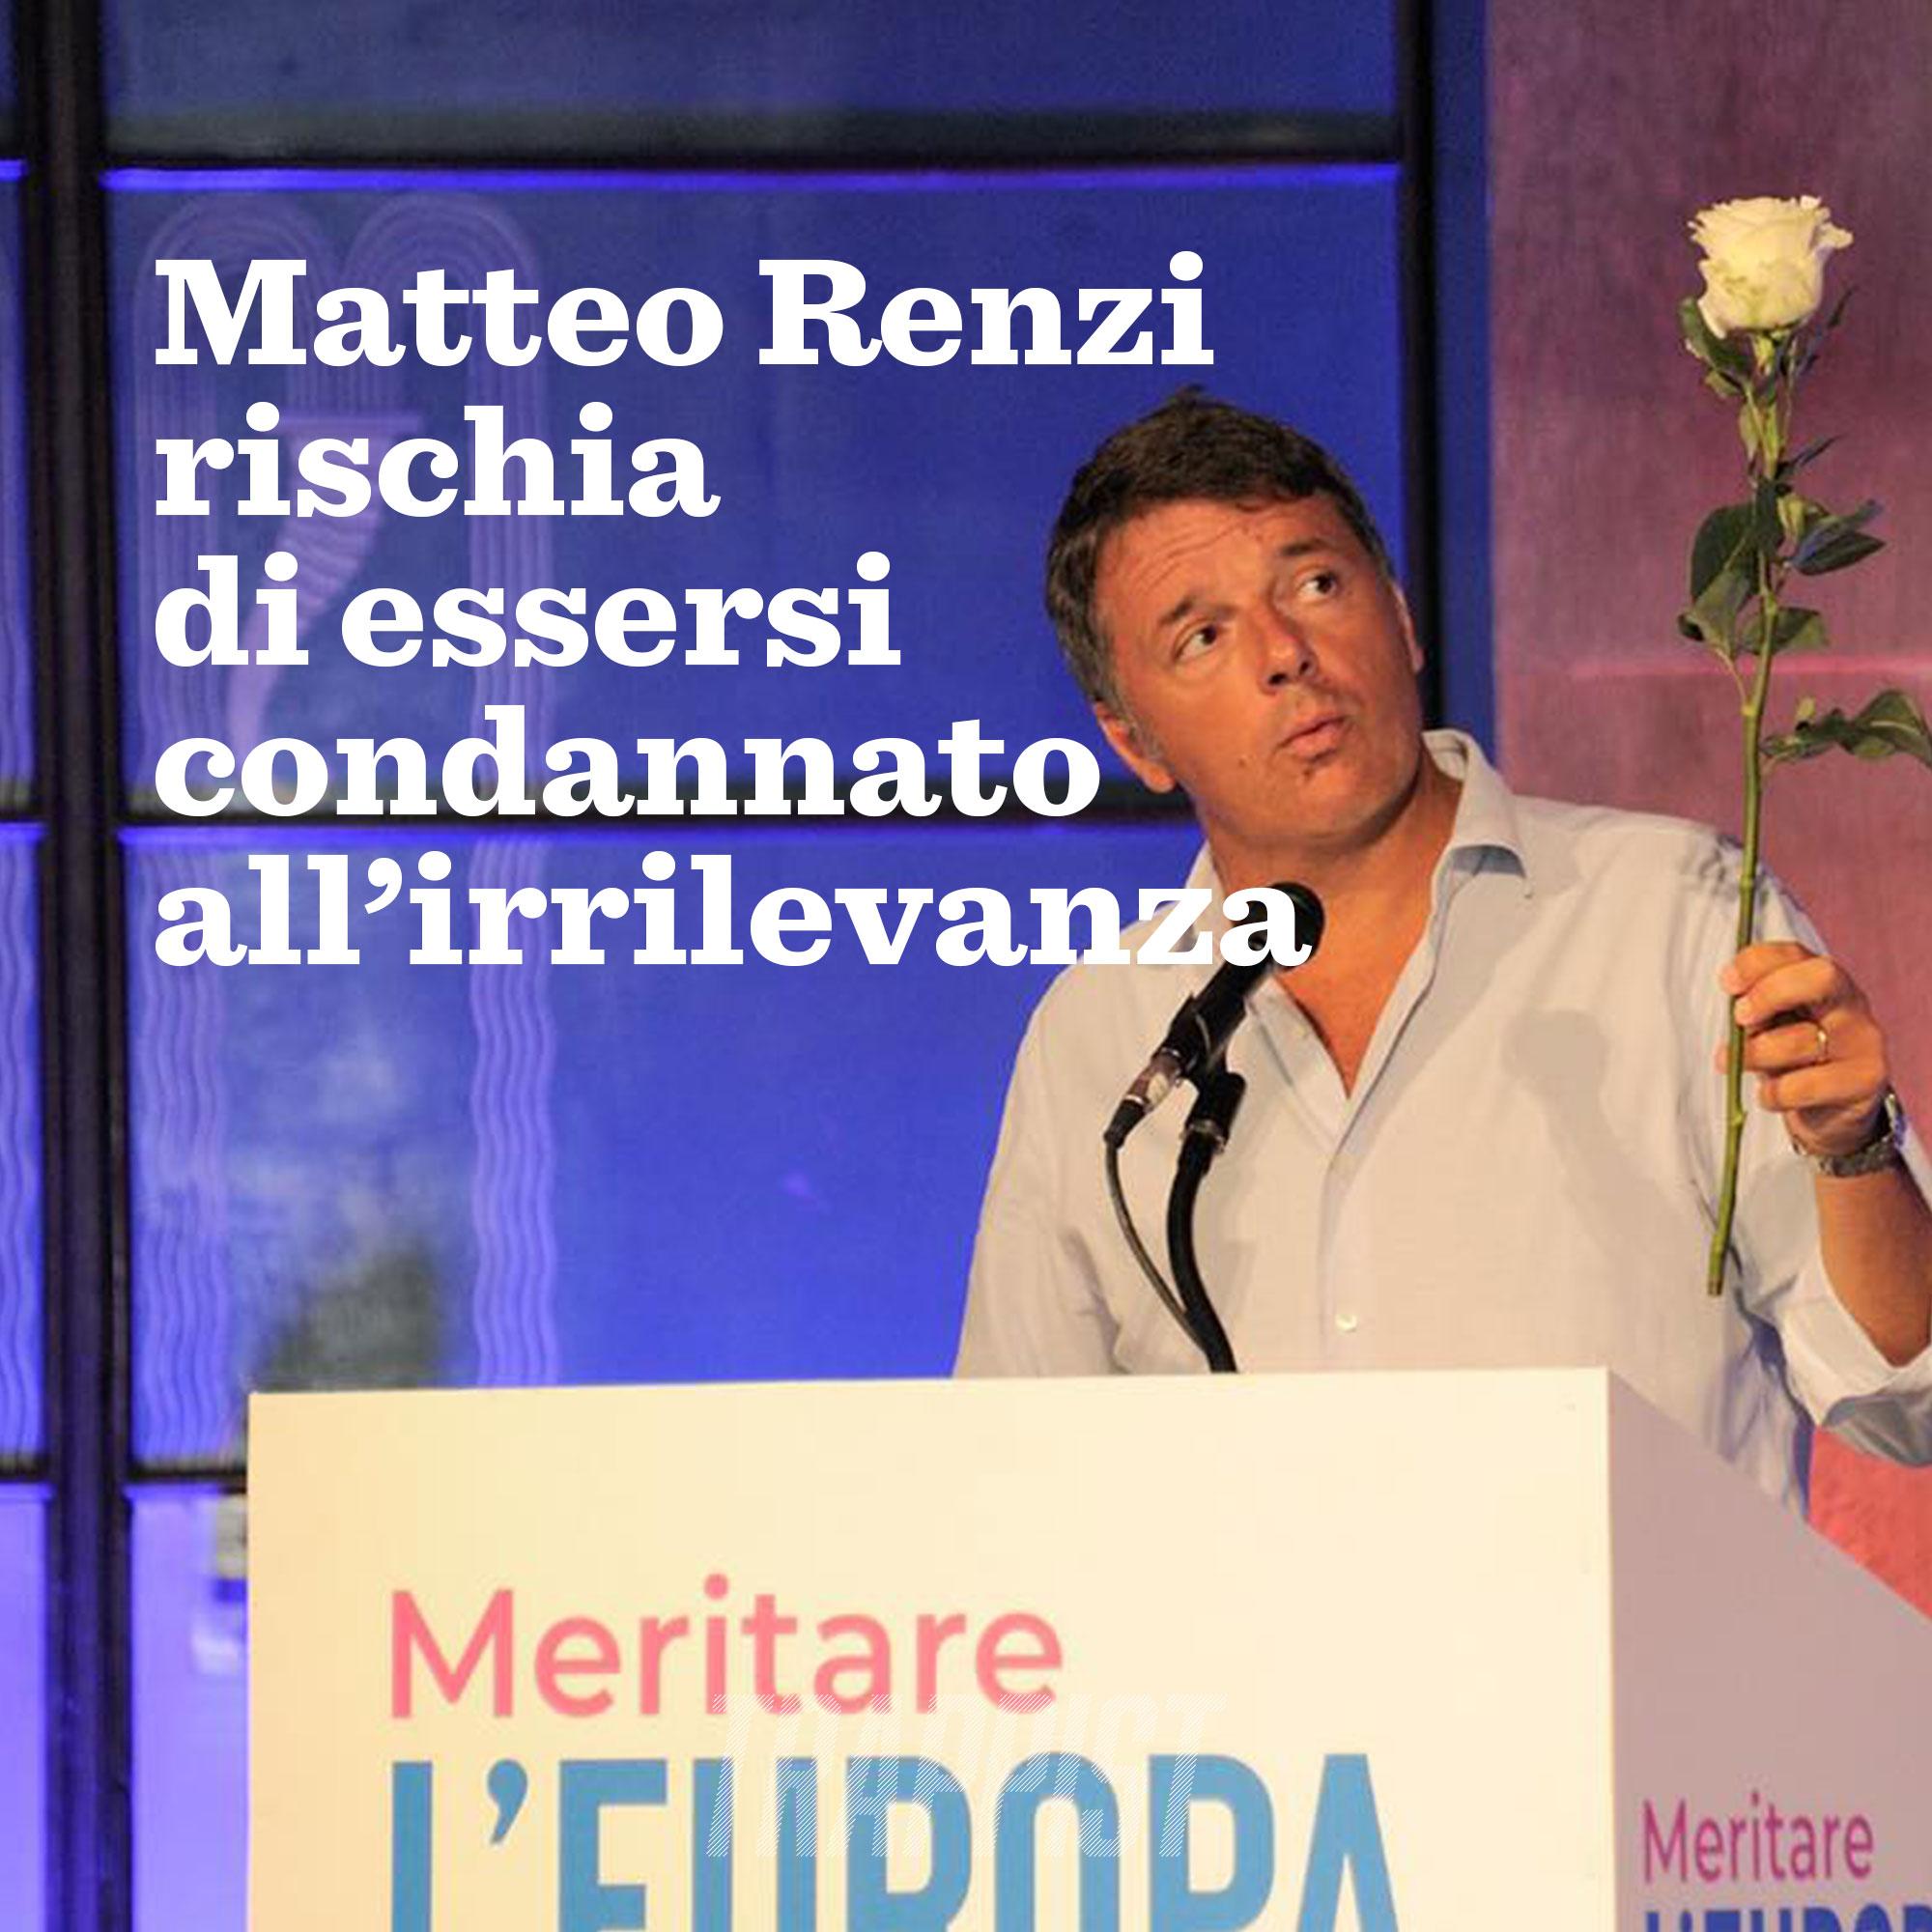 101: Matteo Renzi rischia di essersi condannato all'irrilevanza